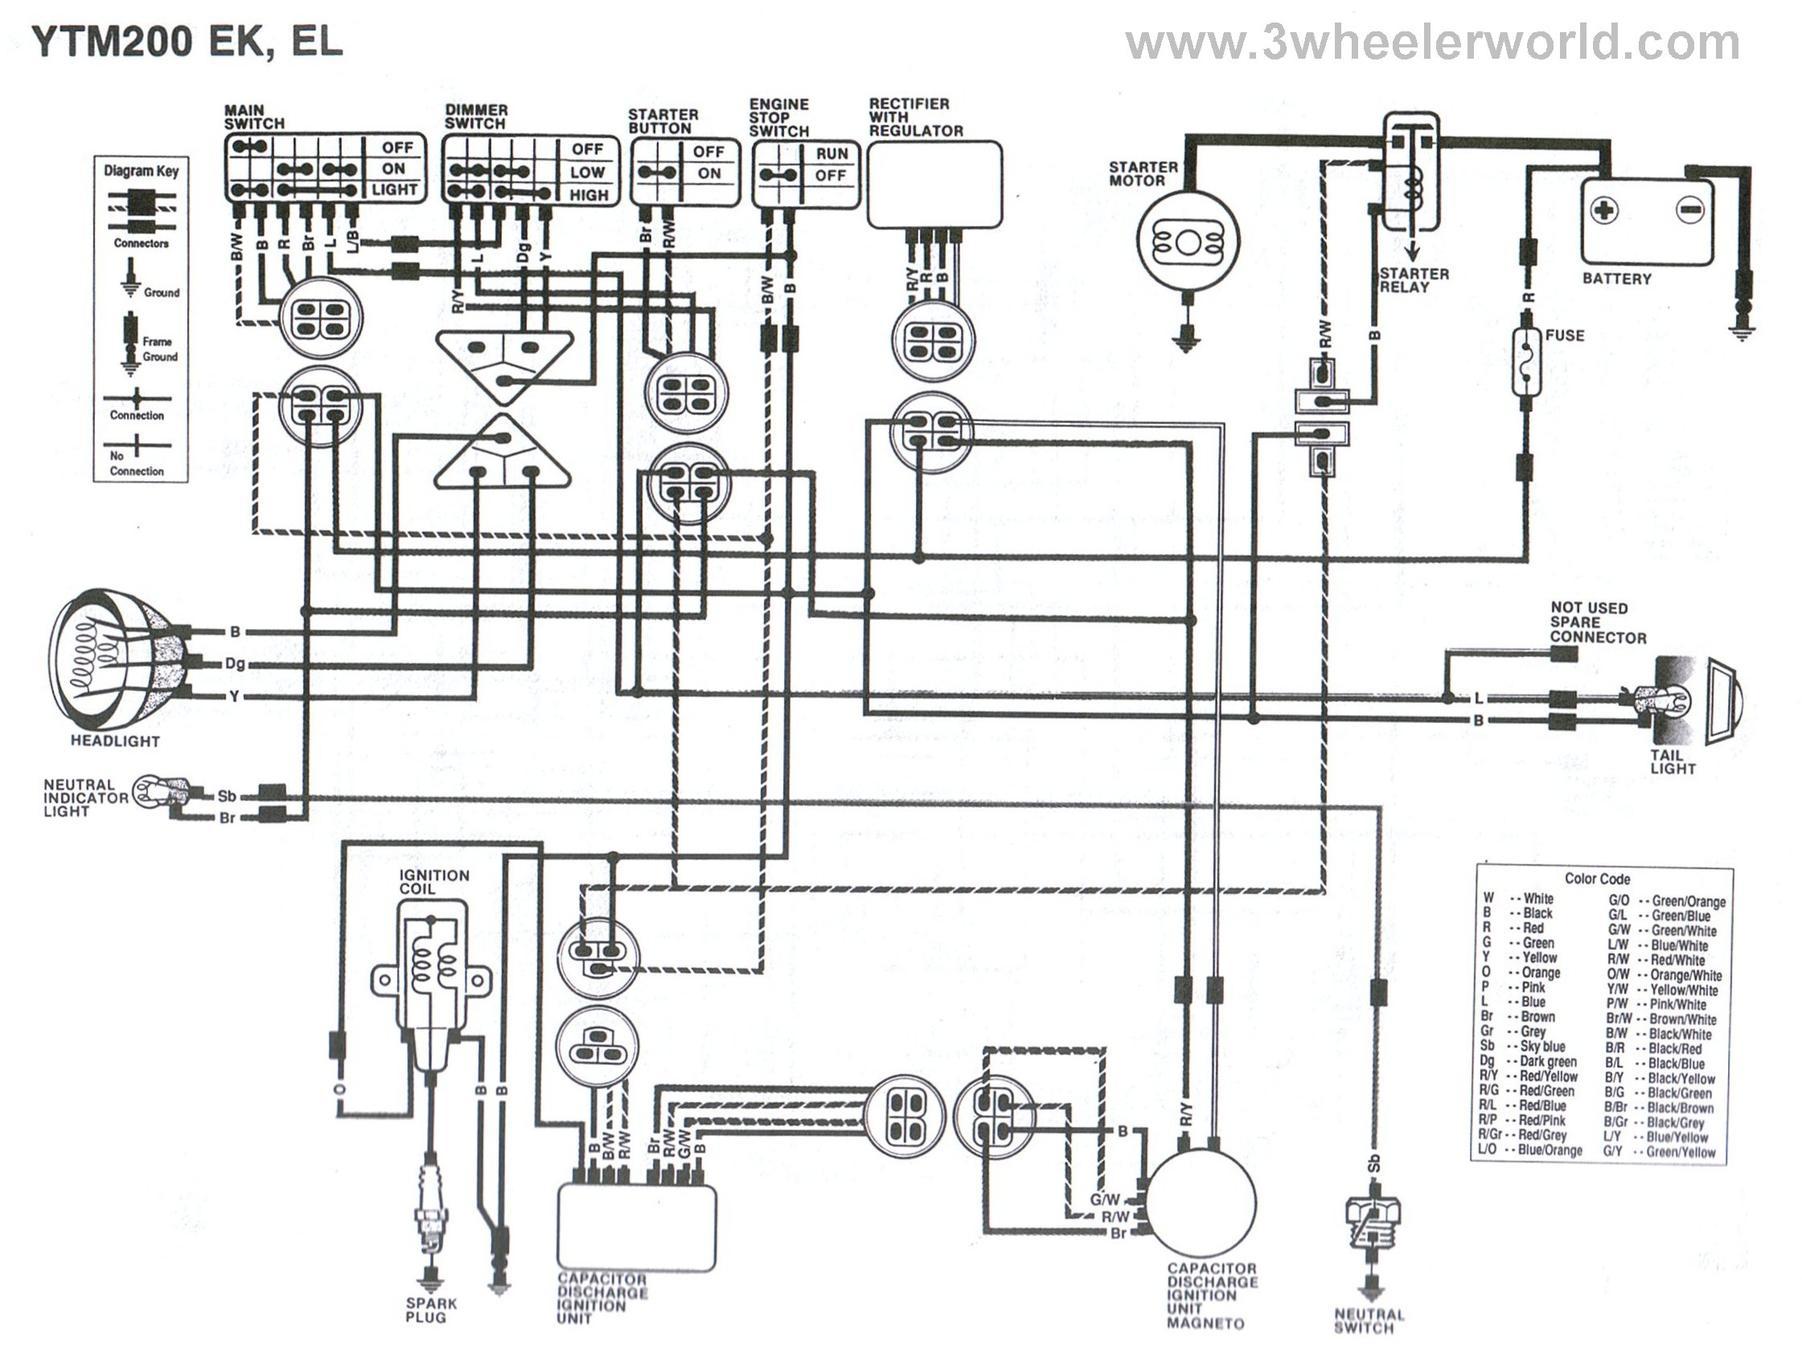 1996 yamaha virago 1100 wiring diagram wiring diagram 1986 yamaha virago 1100 wiring diagram image about